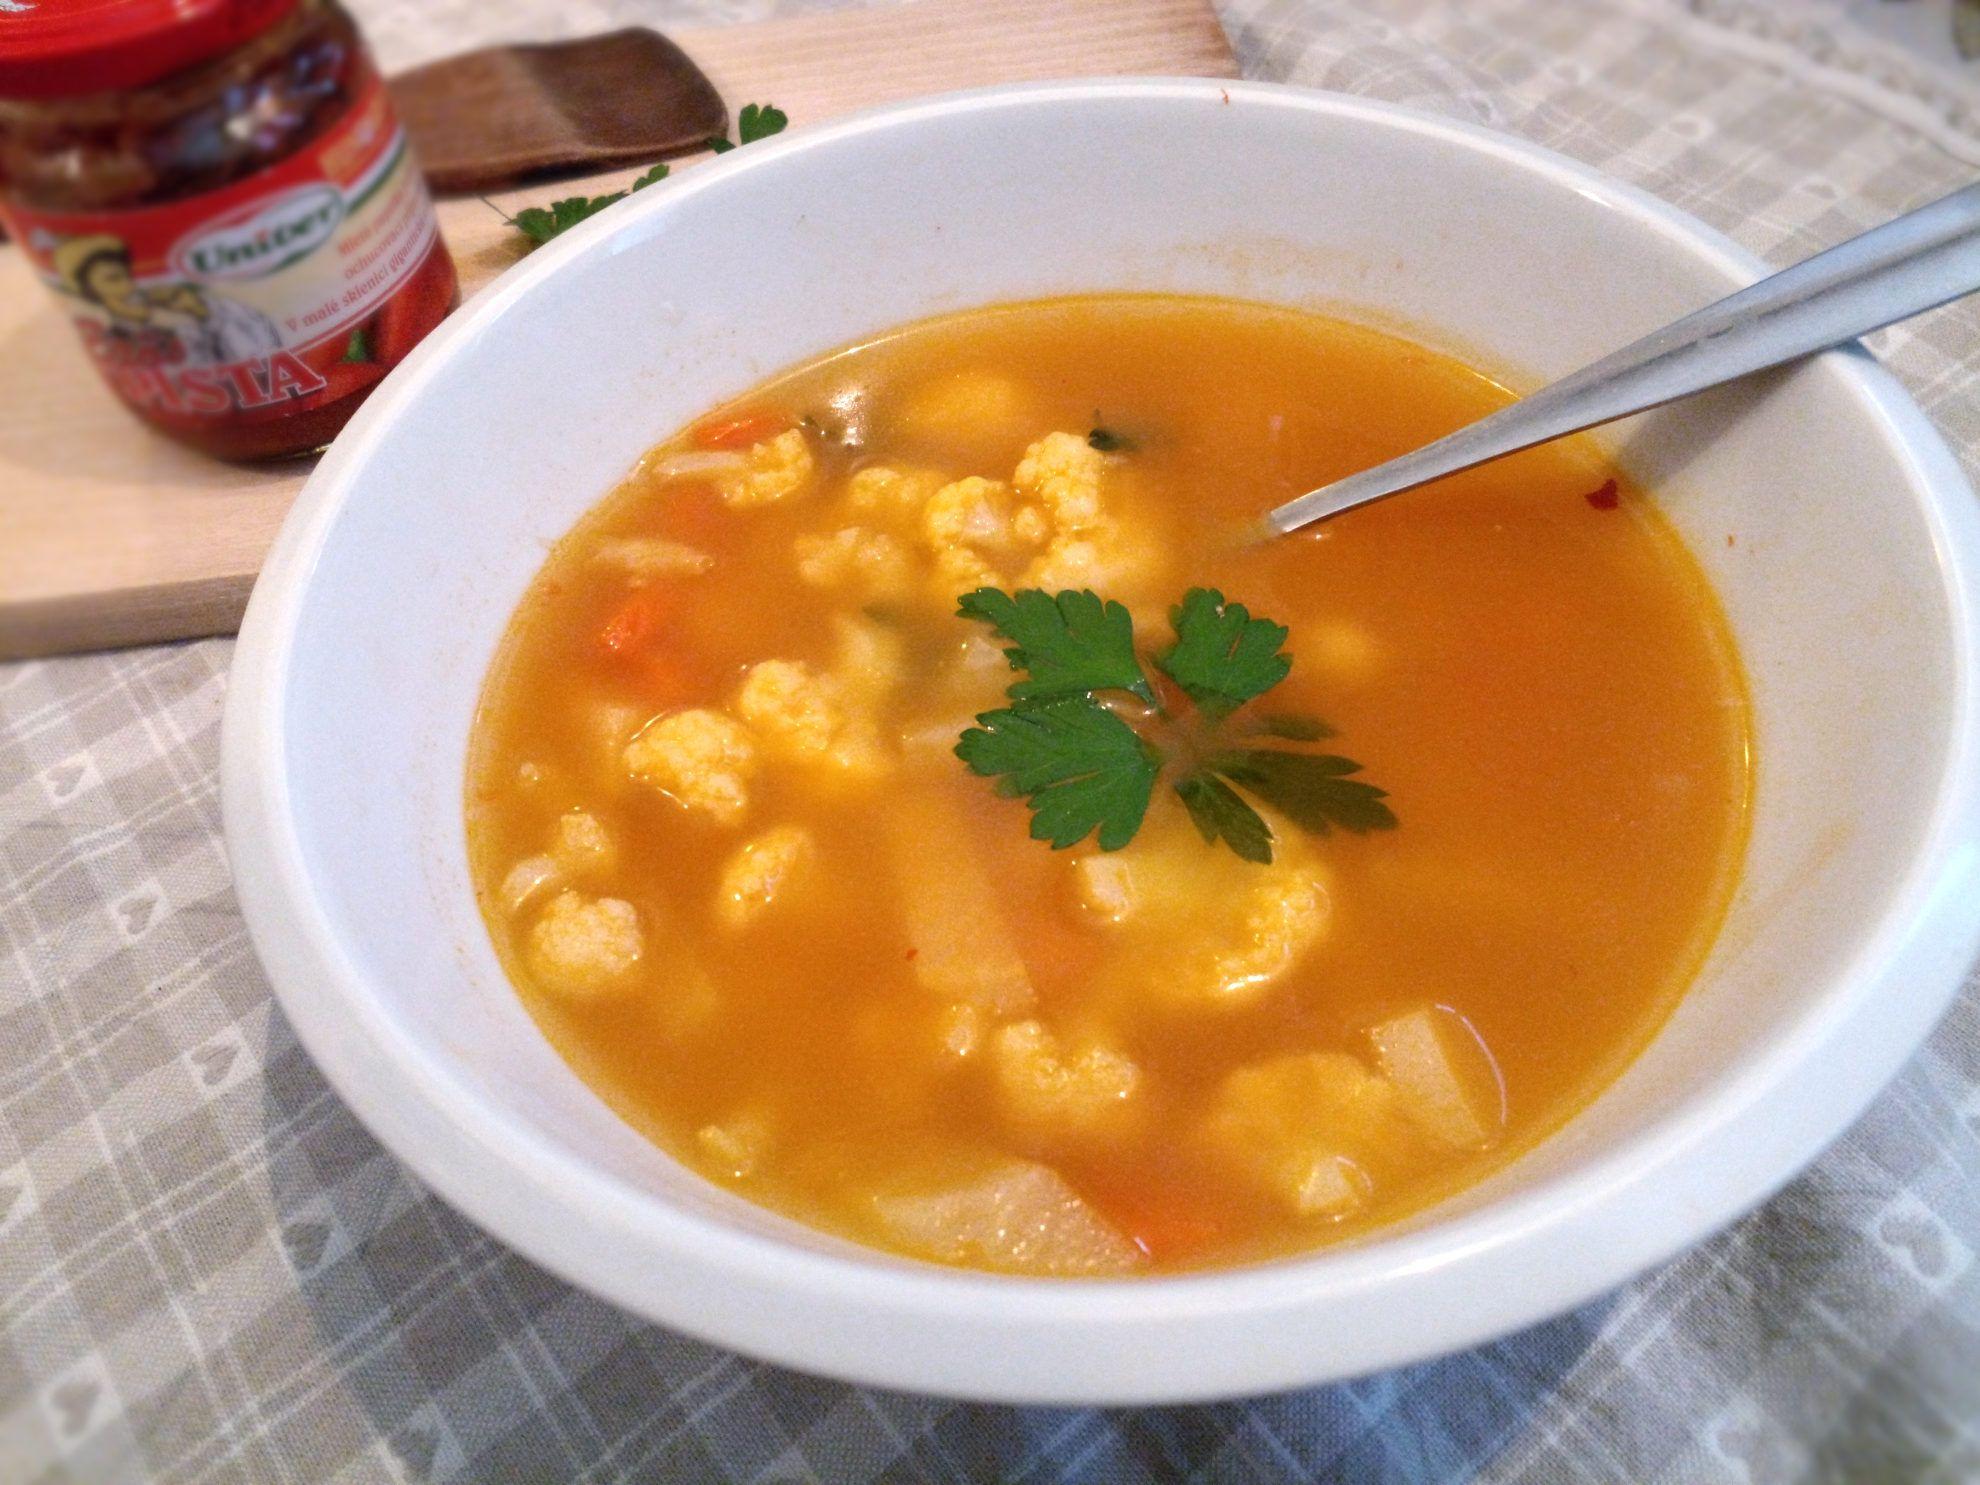 Zeleninová domáca fajná výborná perfektná polievka podľa mňa